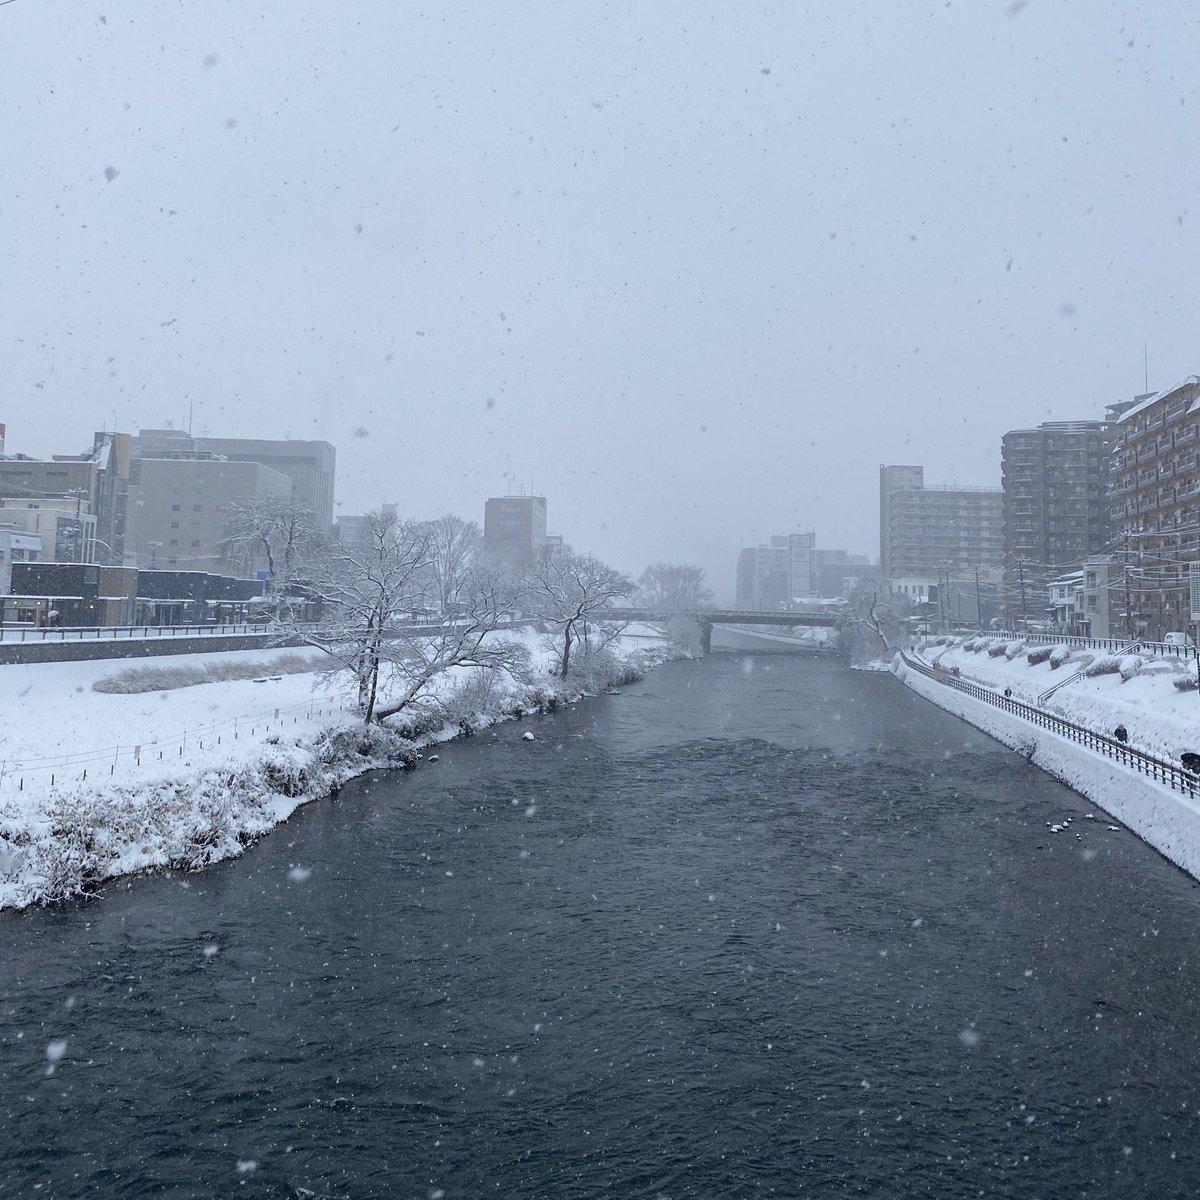 2020/01/08 盛岡市の開運橋から撮影。雪が降っています。みなさま、体調管理に気をつけてお過ごしください。 #岩手 #盛岡 #北上川 #岩手においでよ